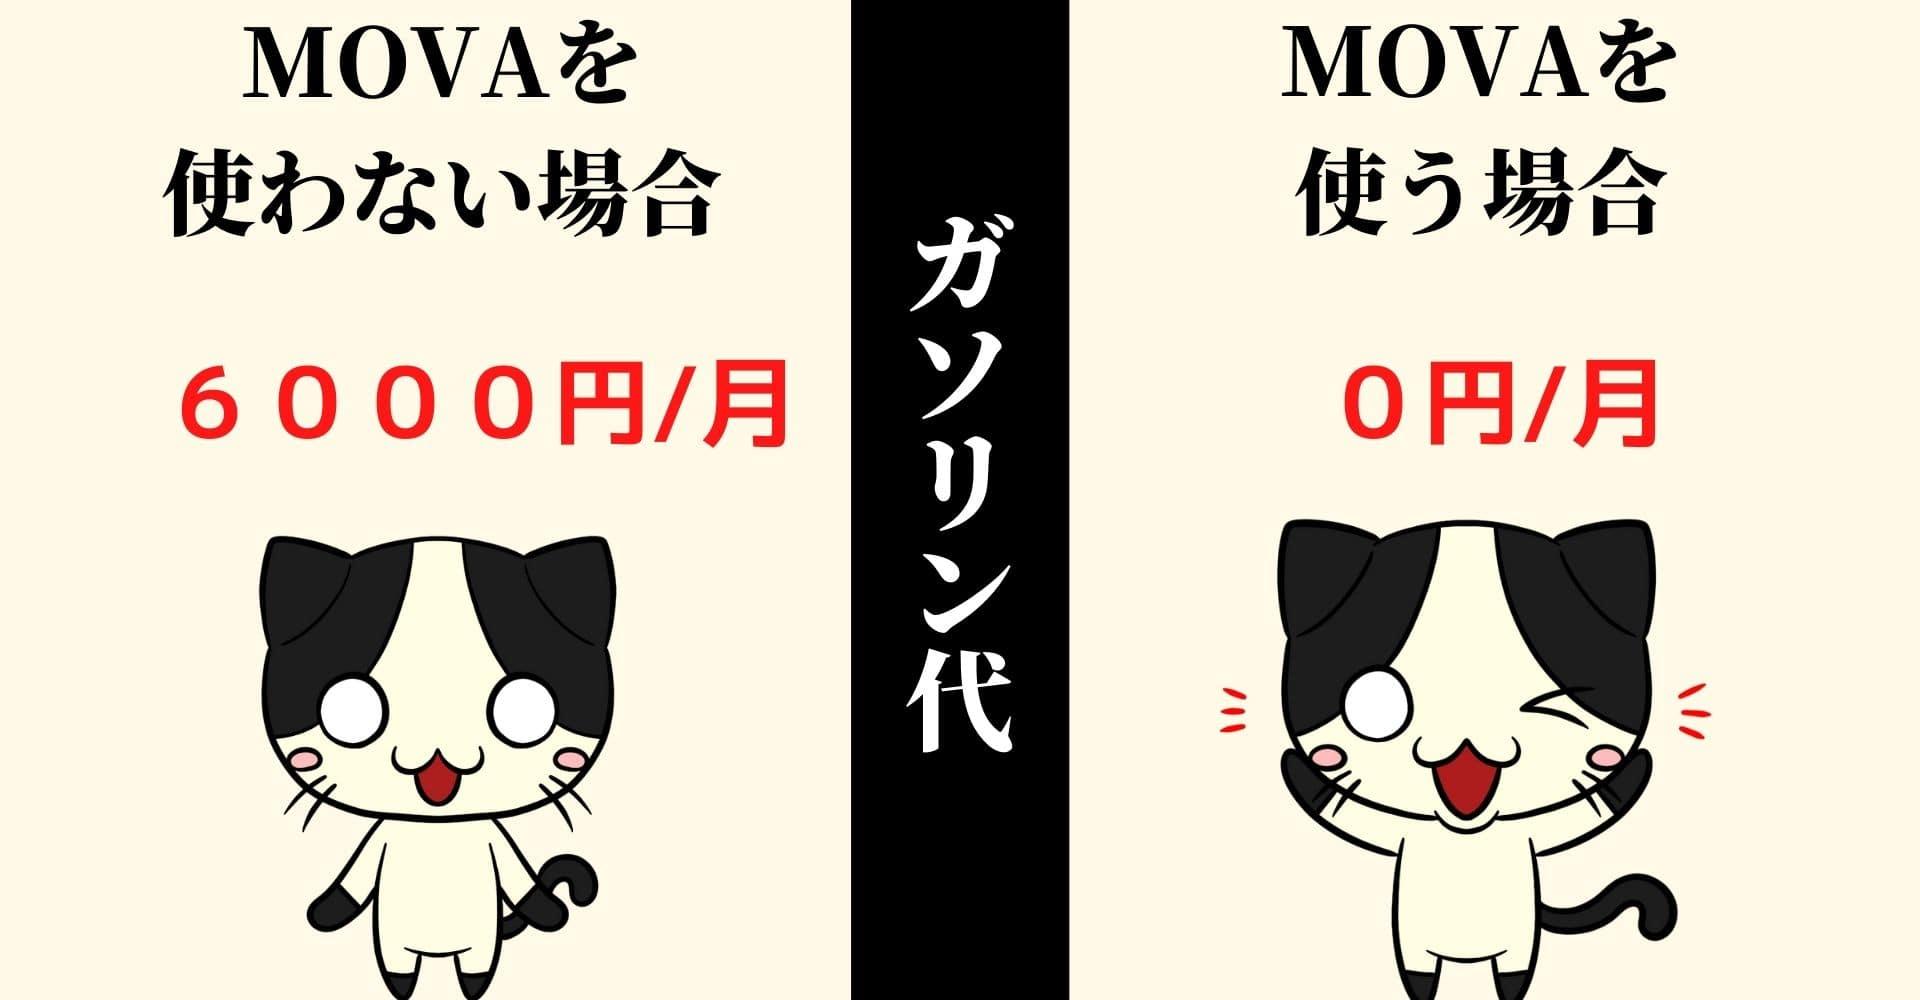 【ショパン】 (2)-minのアイキャッチ画像